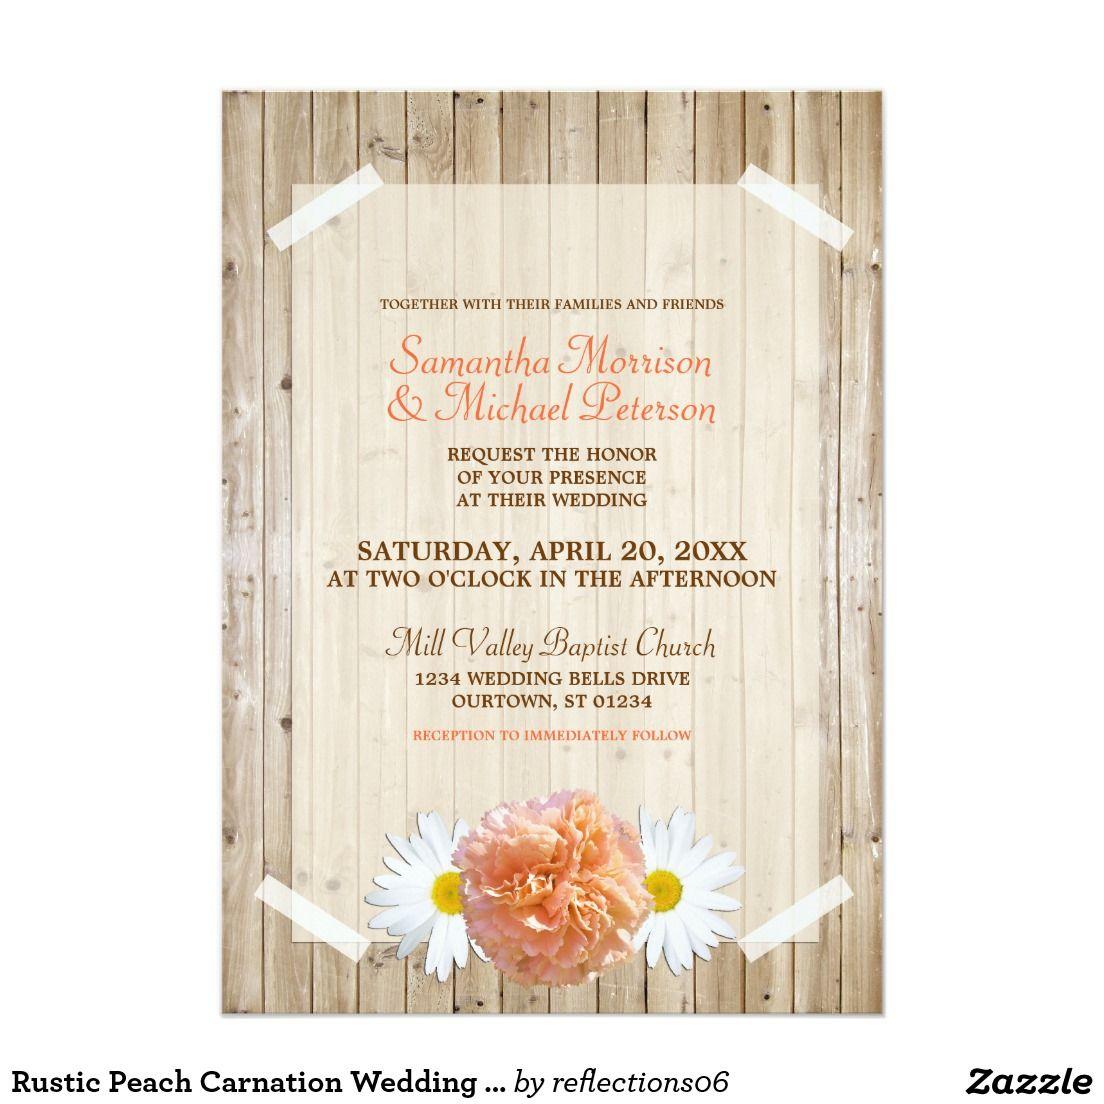 Rustic Peach Carnation Wedding Invitation | Mason Jar Wedding ...